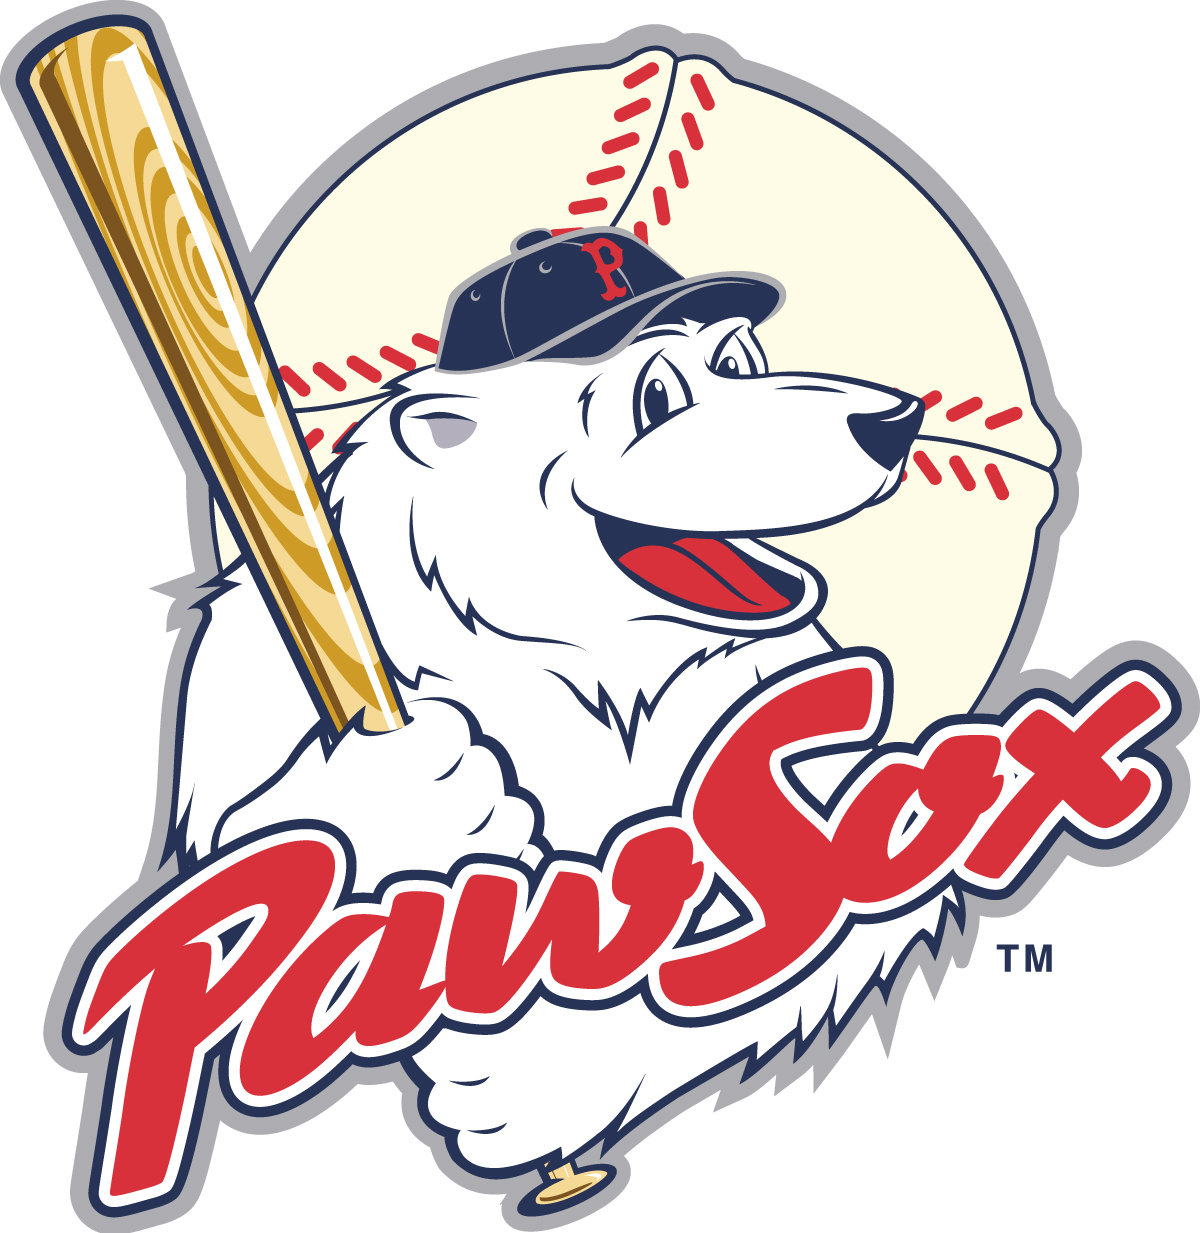 Pawsox Game